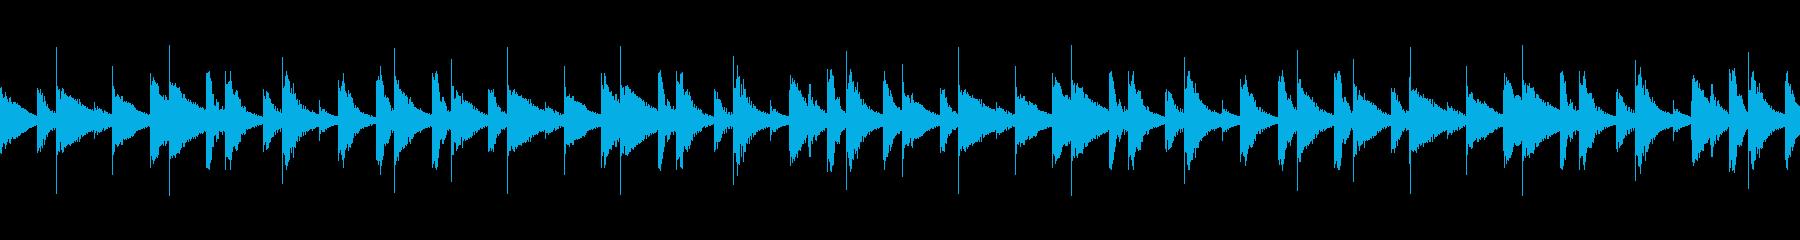 CM 木琴の陽気でテンポの良いBGMの再生済みの波形